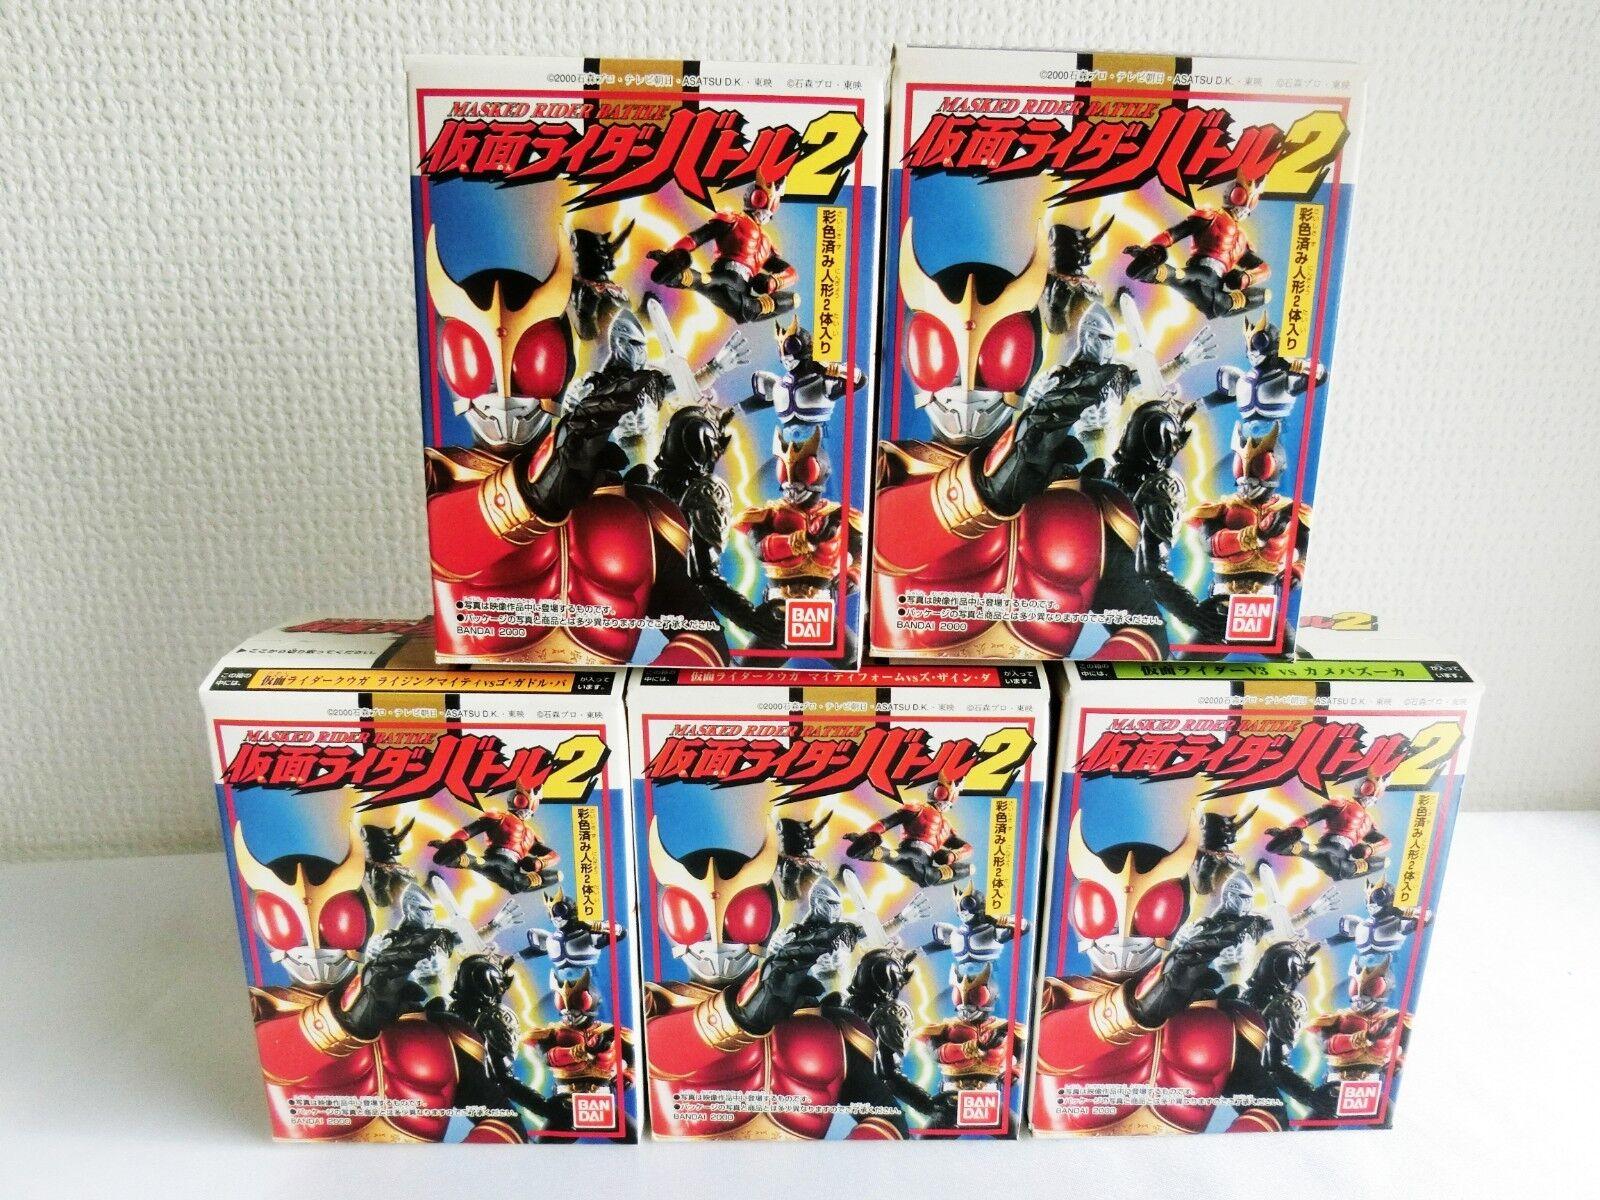 BANDAI 2000 Masked Rider Battle 2 Kamen Rider V3 Kuga All 5 Complete set Japan